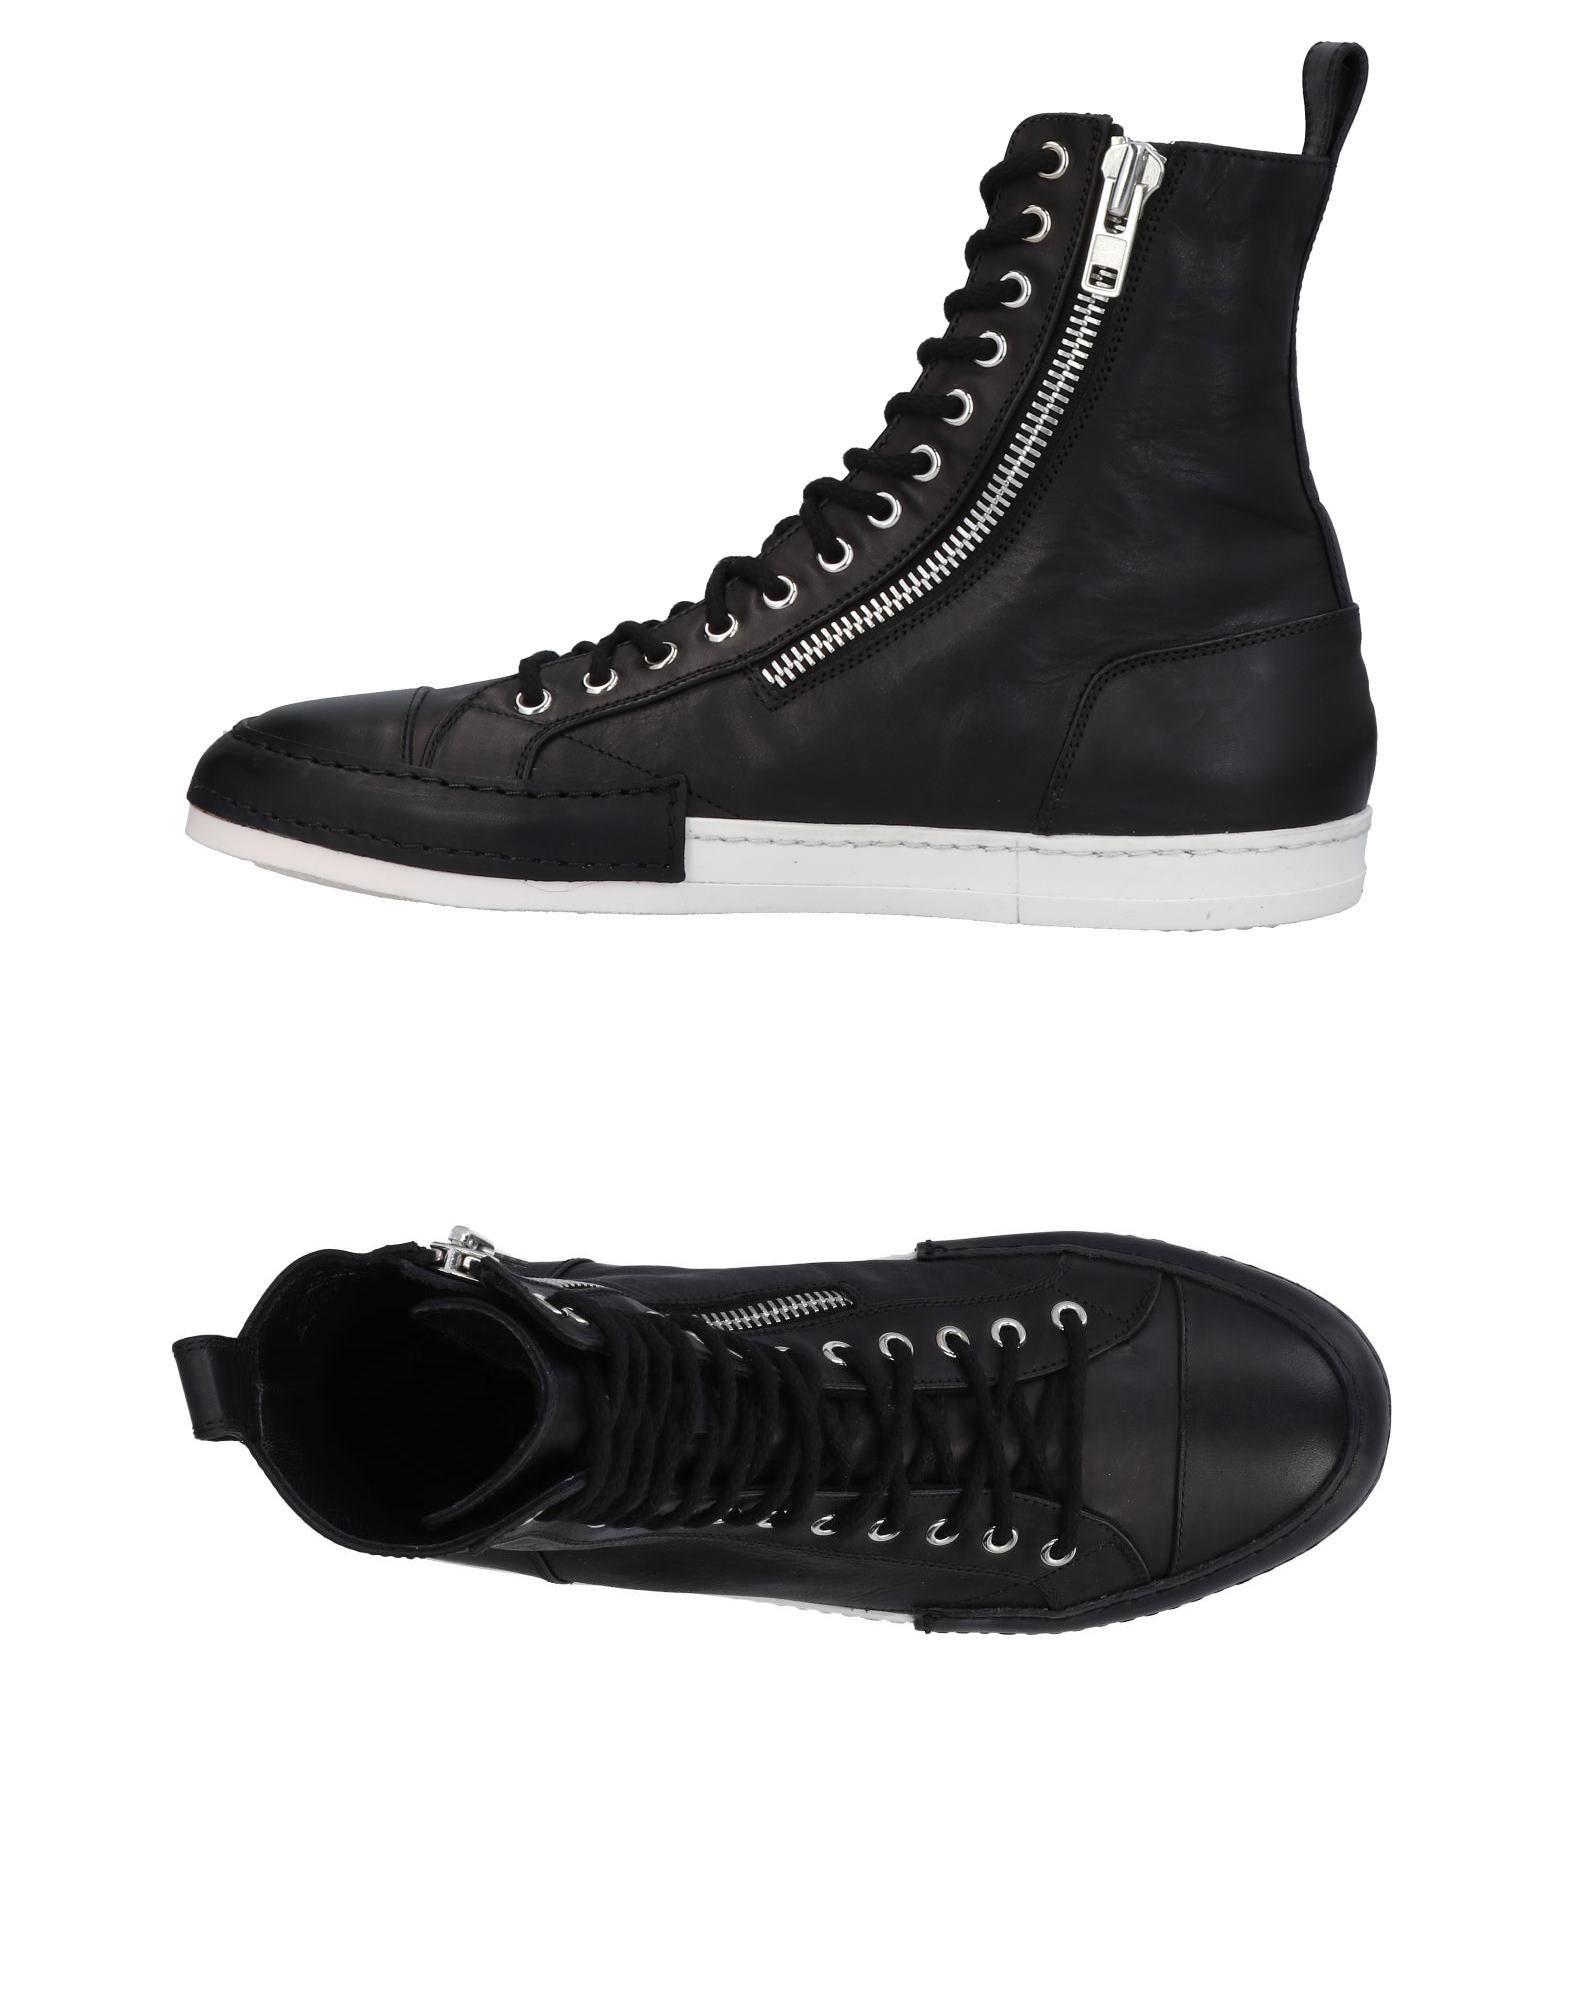 Haider Ackermann Sneakers Herren  11455247KB Gute Qualität beliebte Schuhe